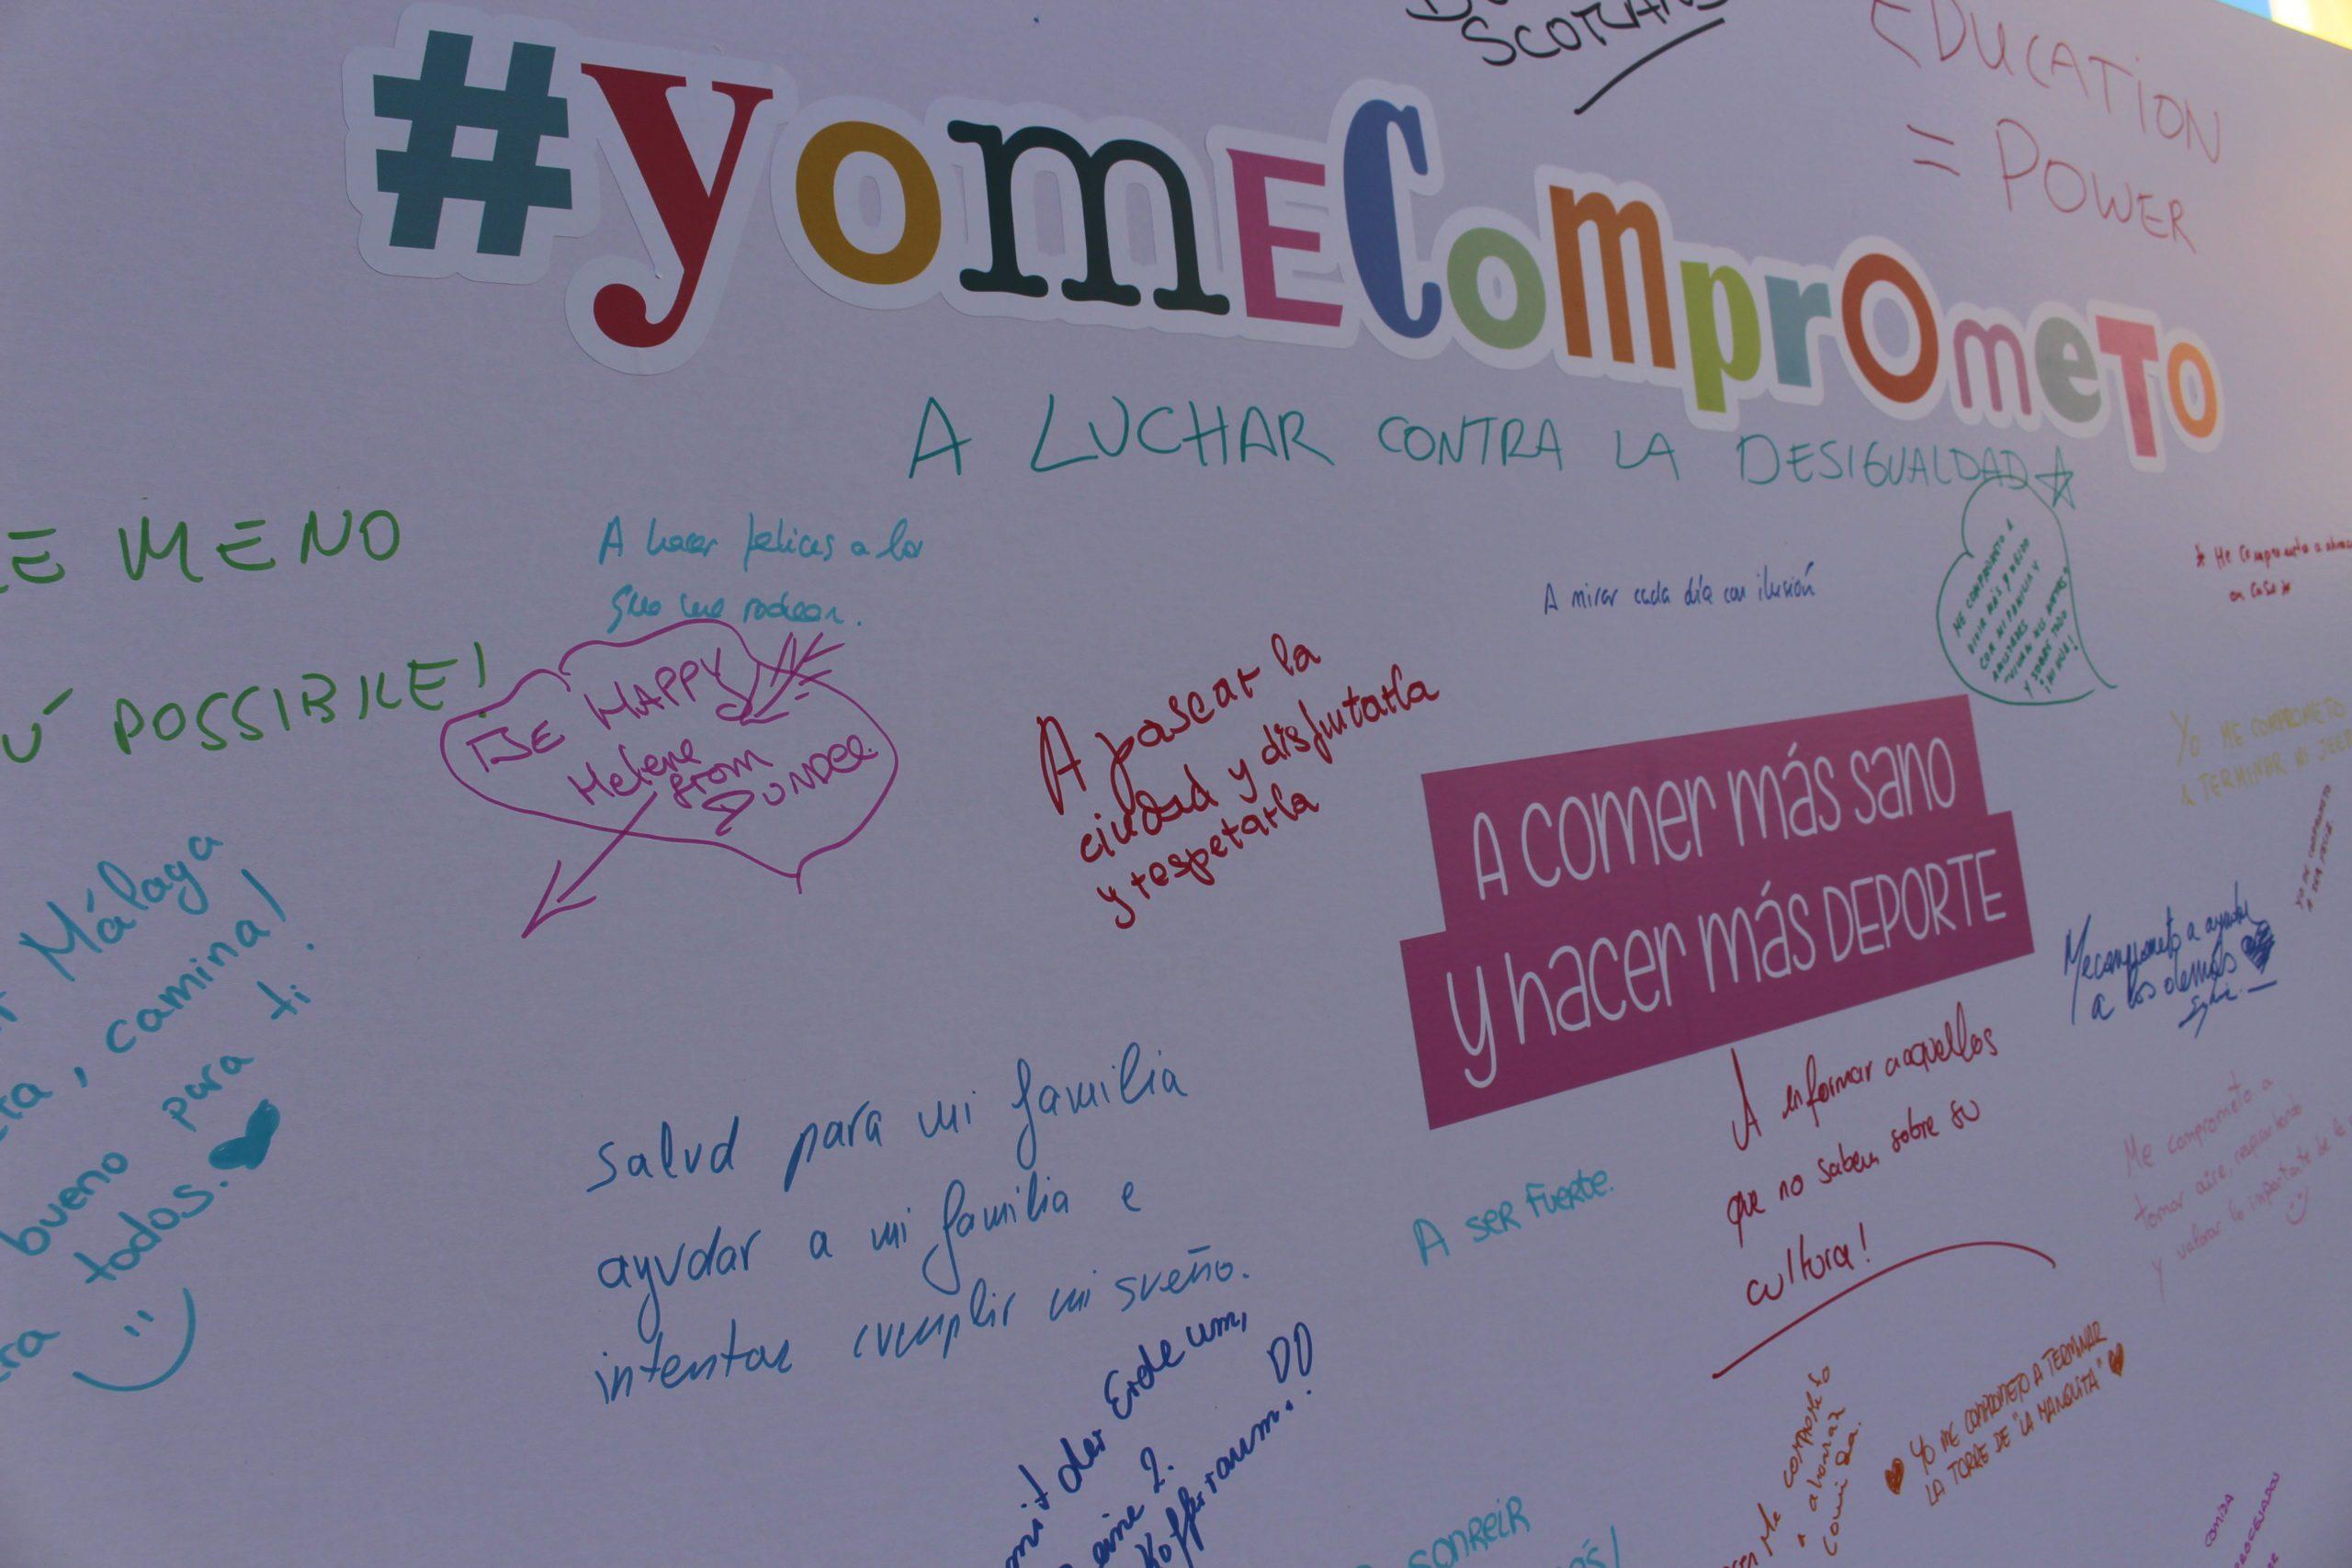 yomecomprometolahuellacomunicacion